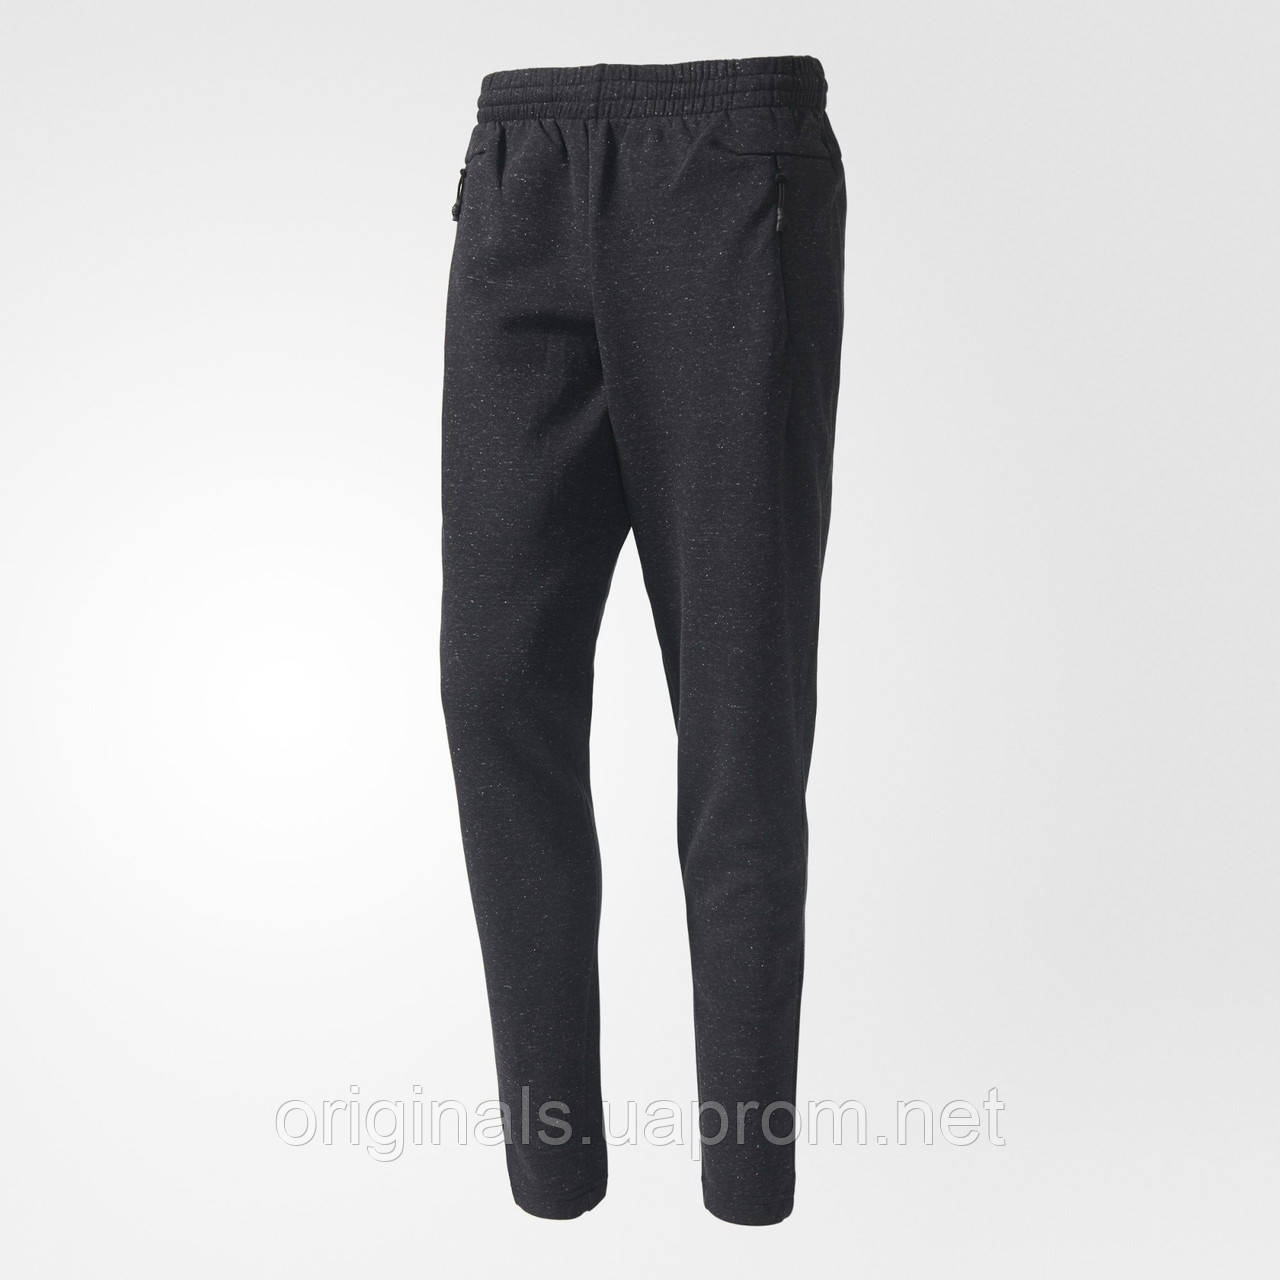 Зауженные брюки спортивные